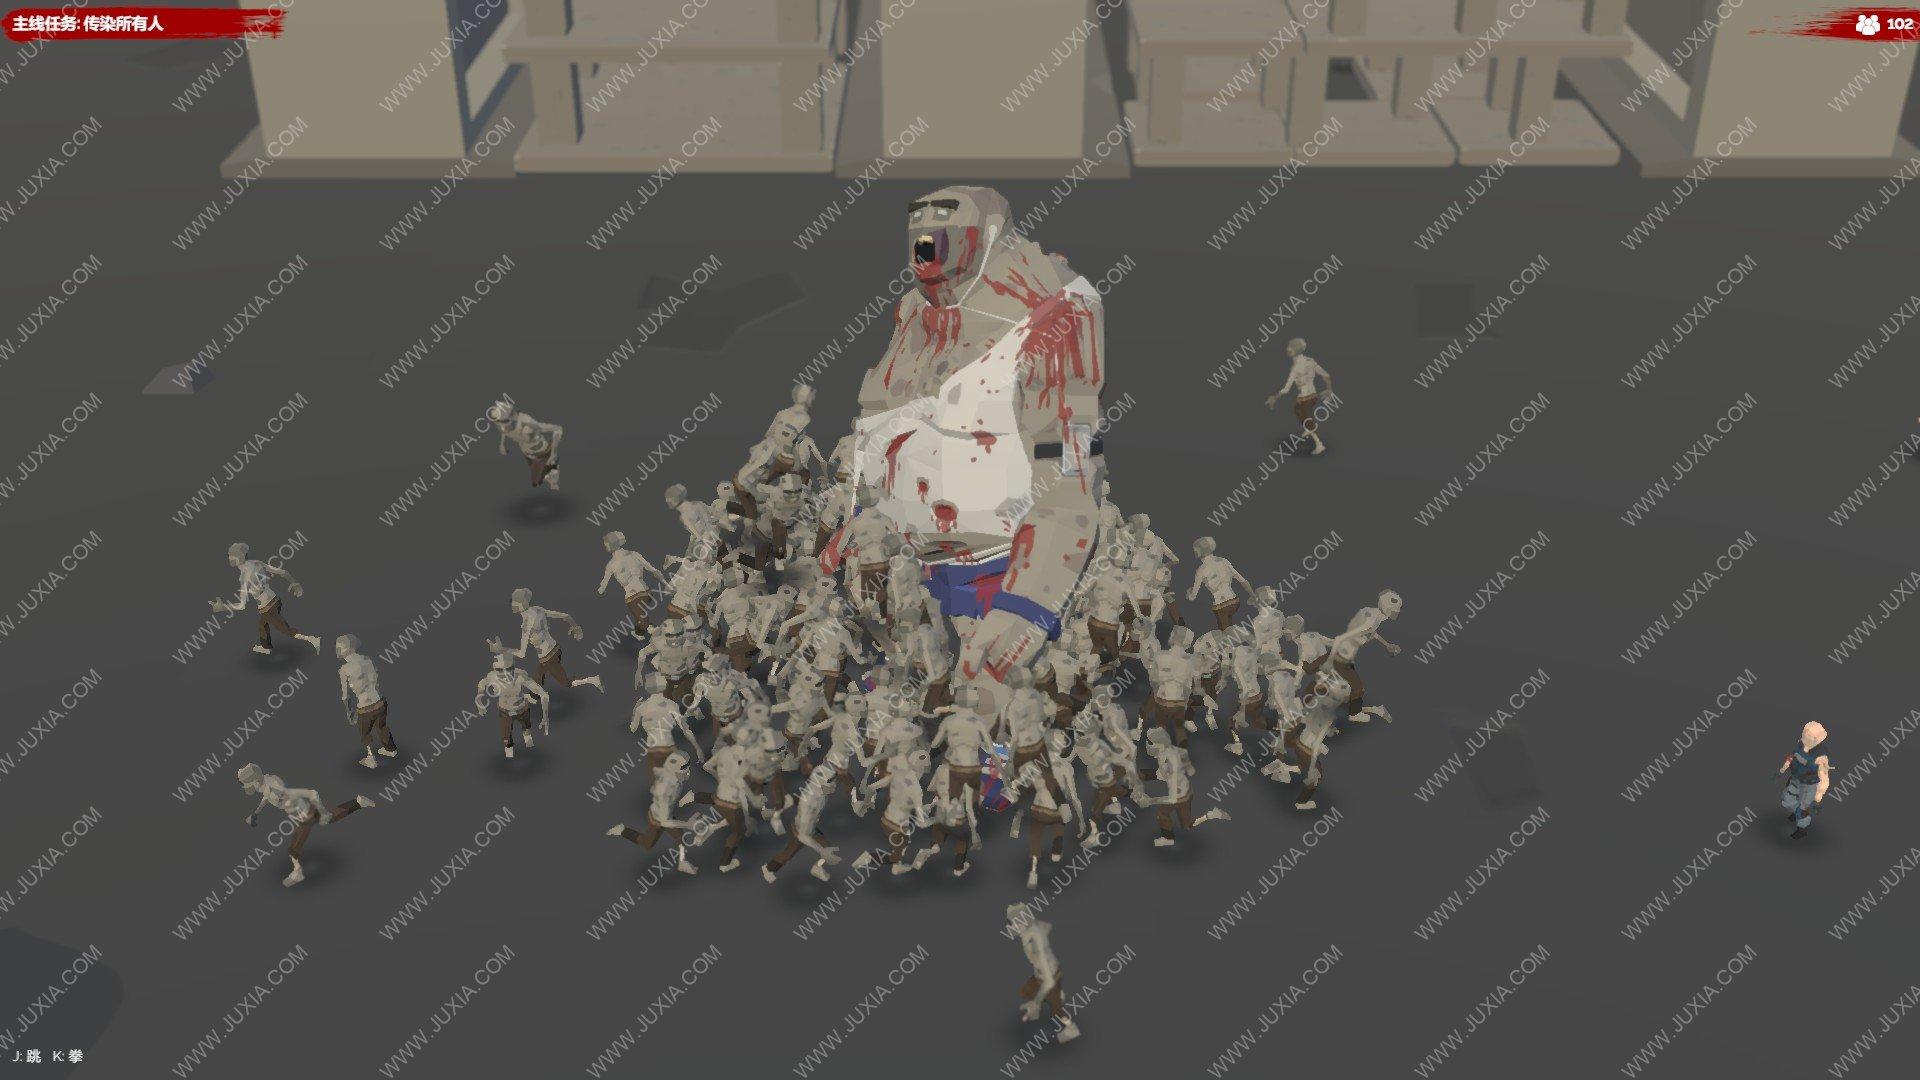 我是僵尸救世主 僵尸模拟器评测